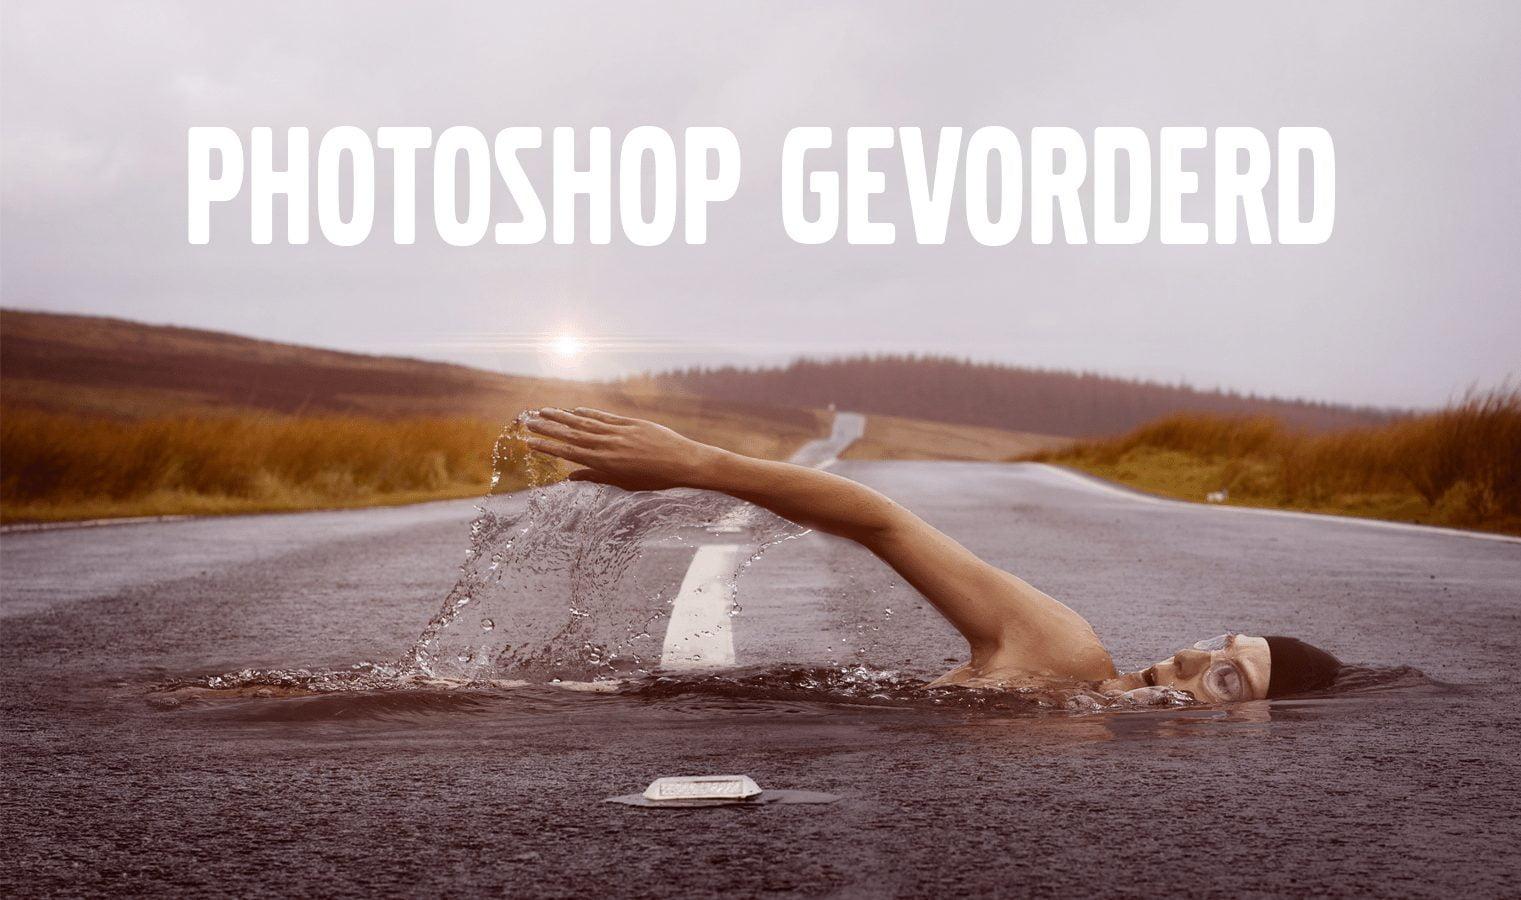 Photoshop-gevorderden-advanced-vervolg-Amsterdam-Rotterdam-Utrecht-DenHaag